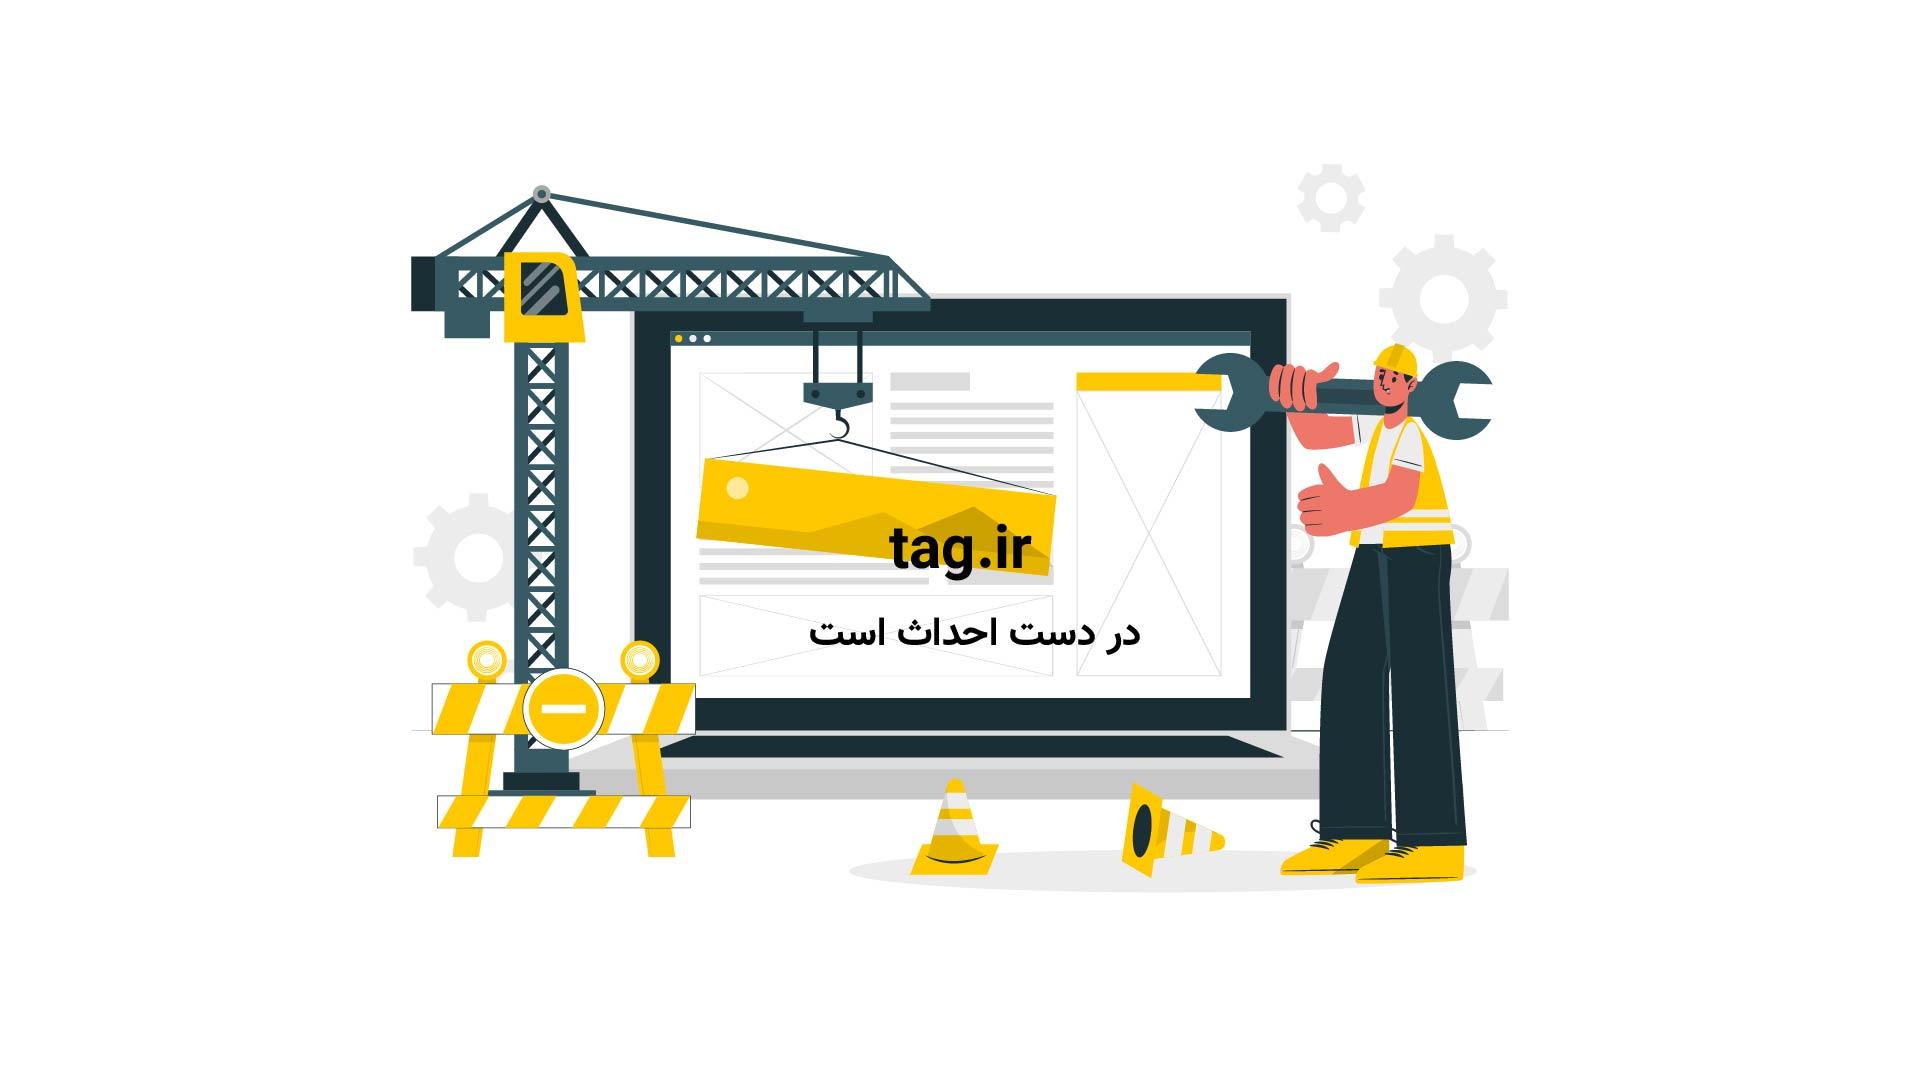 بخشی از آهنگ جدید محسن چاوشی با موضوع عاشورا + فیلم